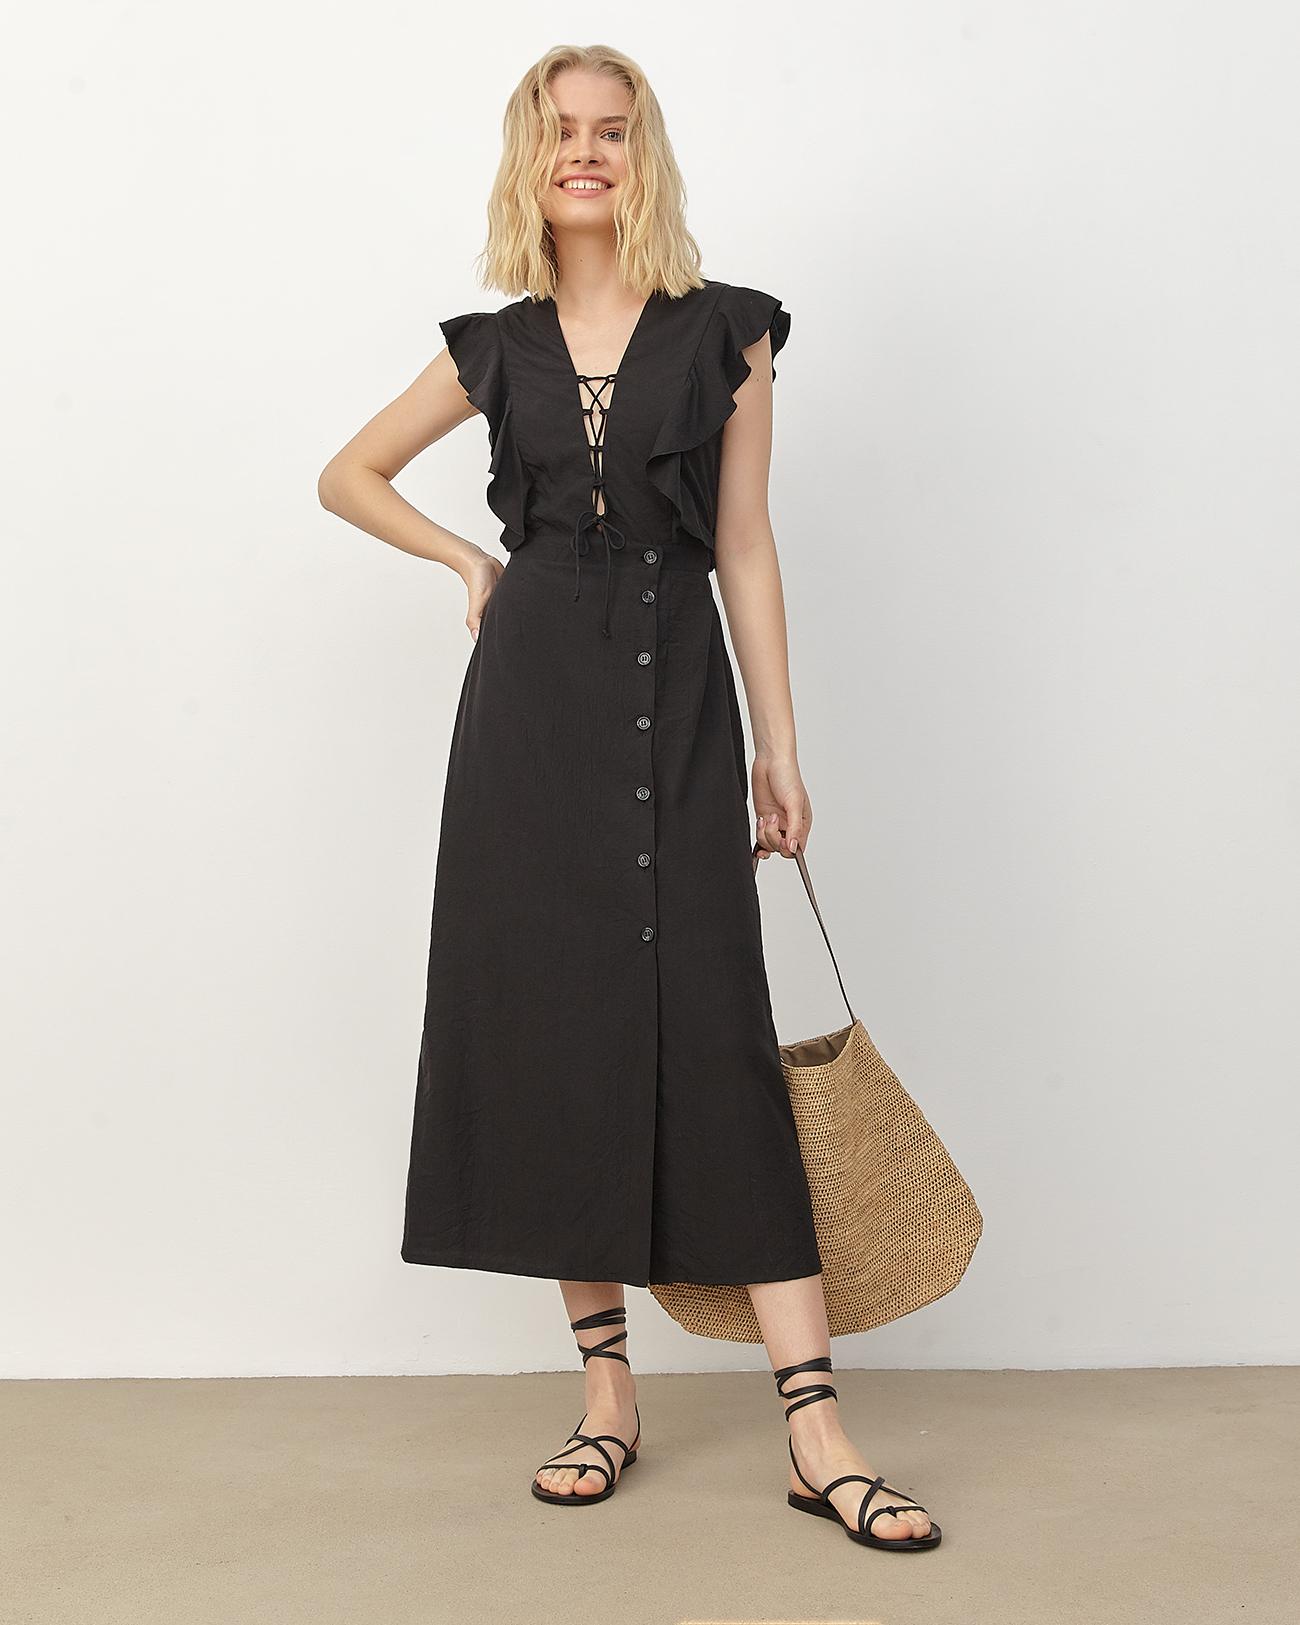 Платье миди на шнуровке черного цвета фото